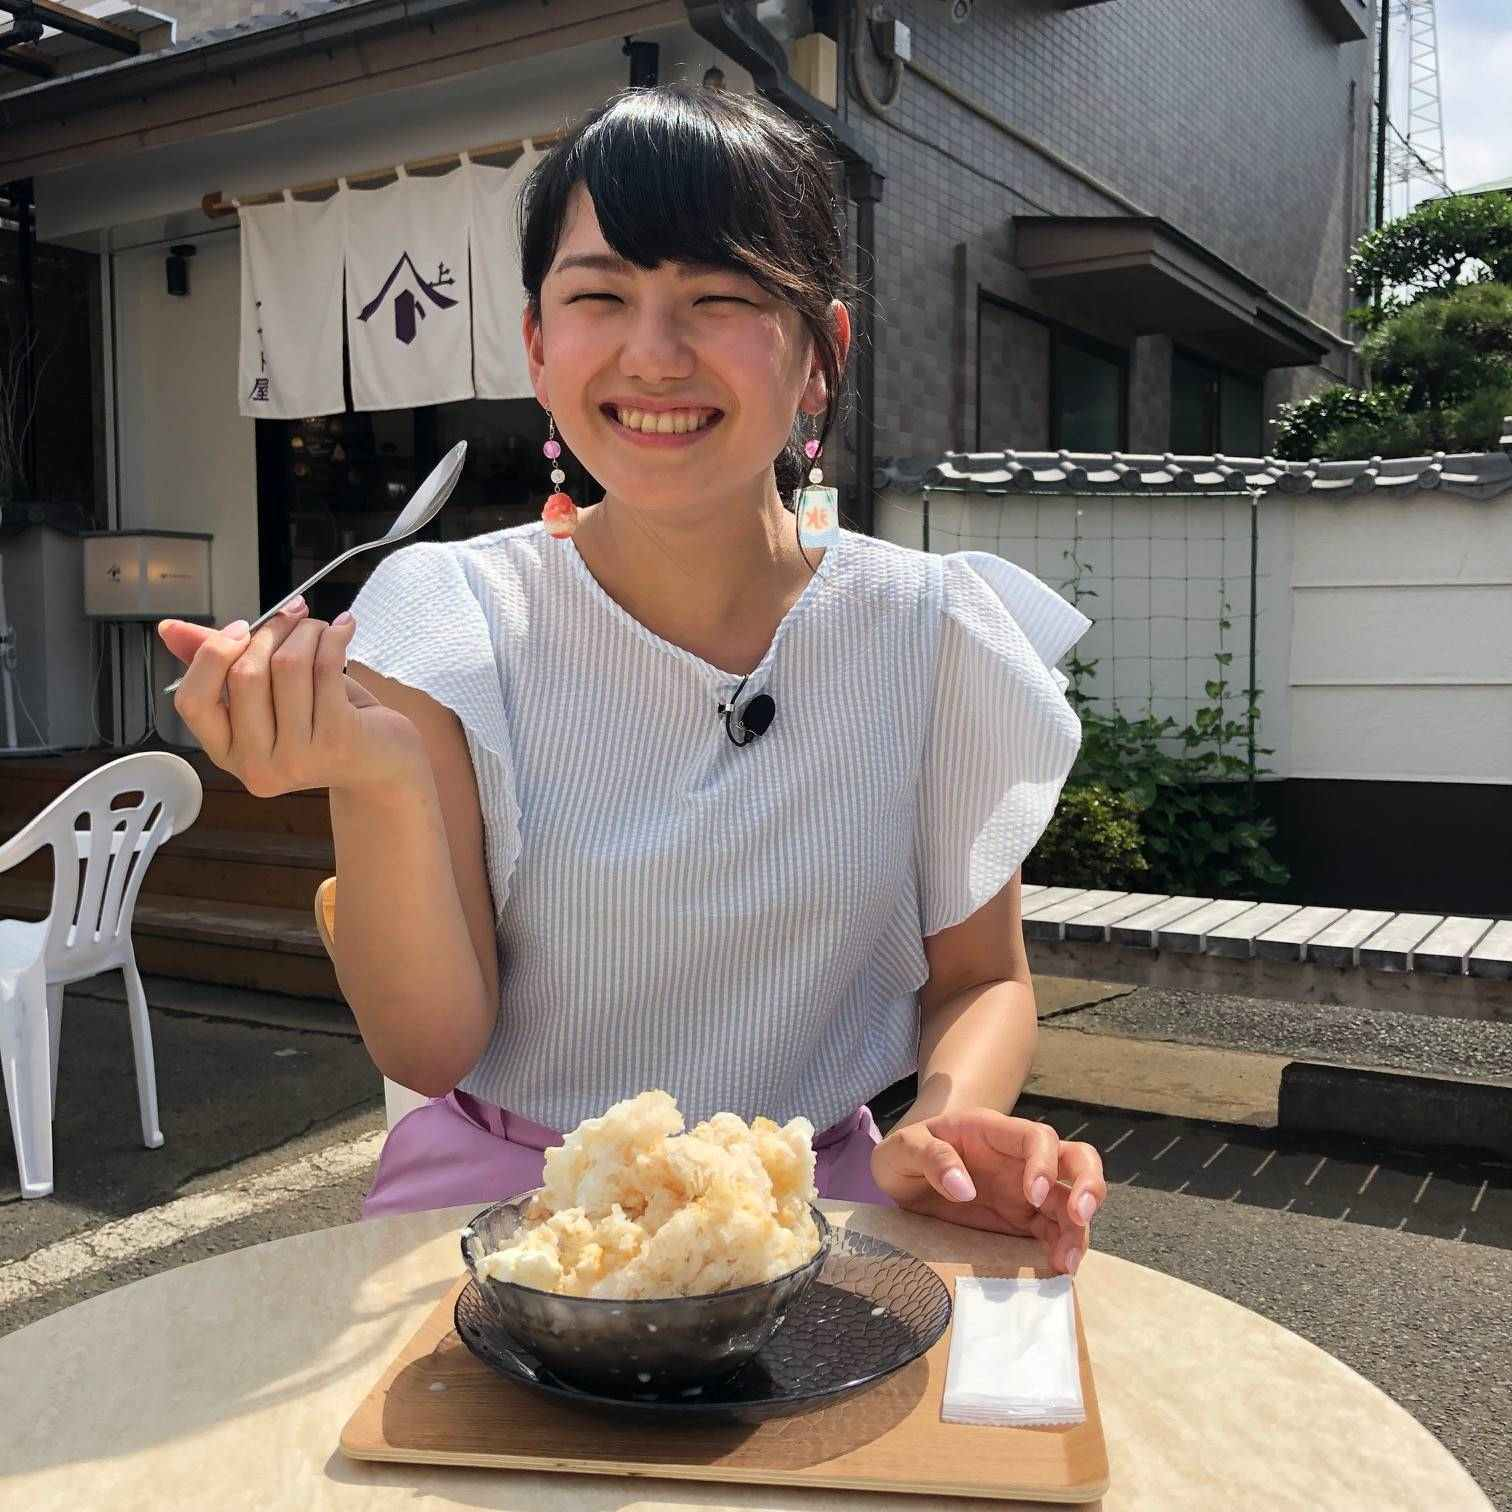 塩原桜の画像 p1_20